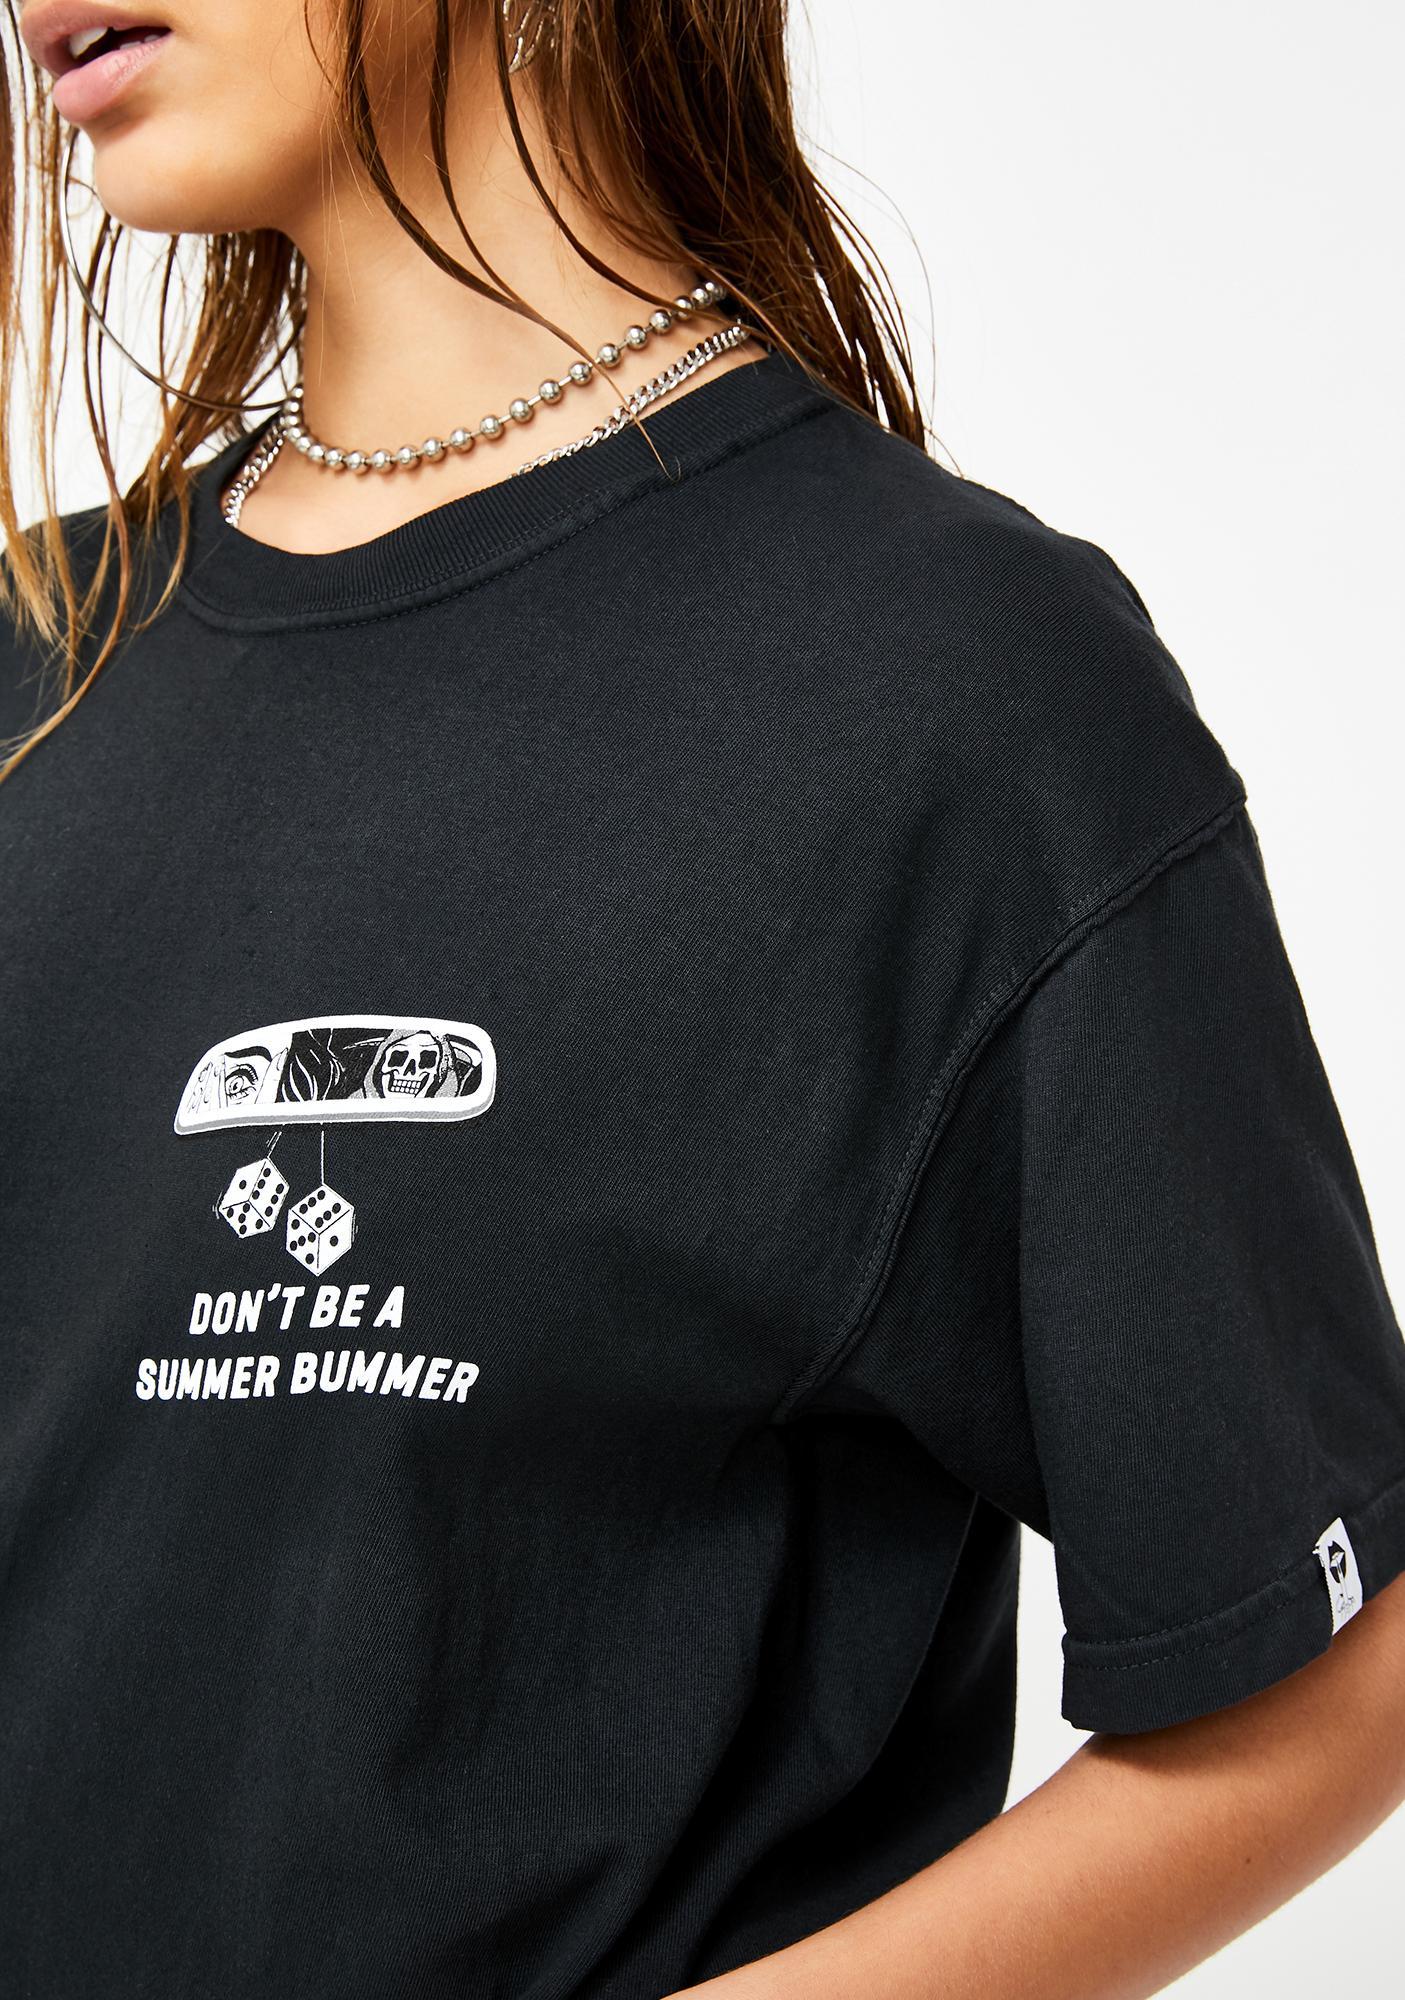 FEMMEMUTE Summer Bummer Graphic Tee